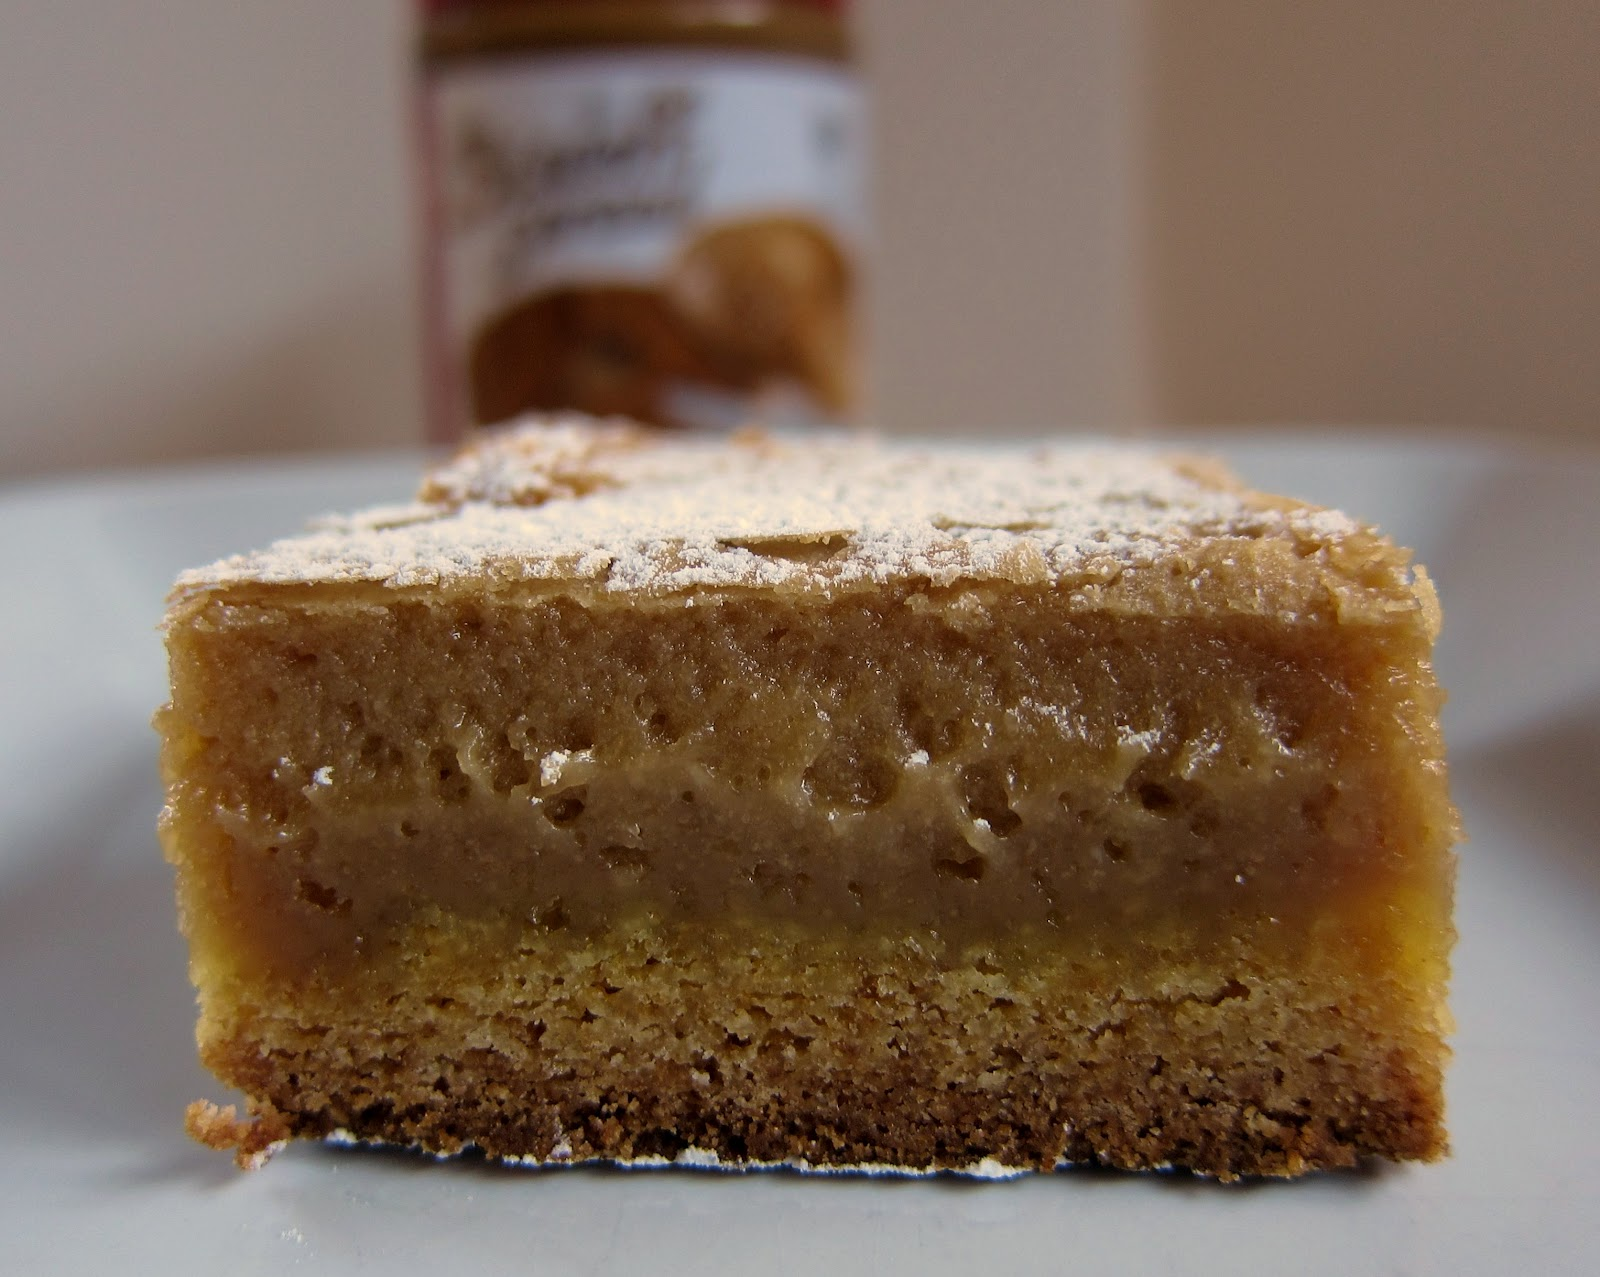 Nutella Ooey Gooey Butter Cake